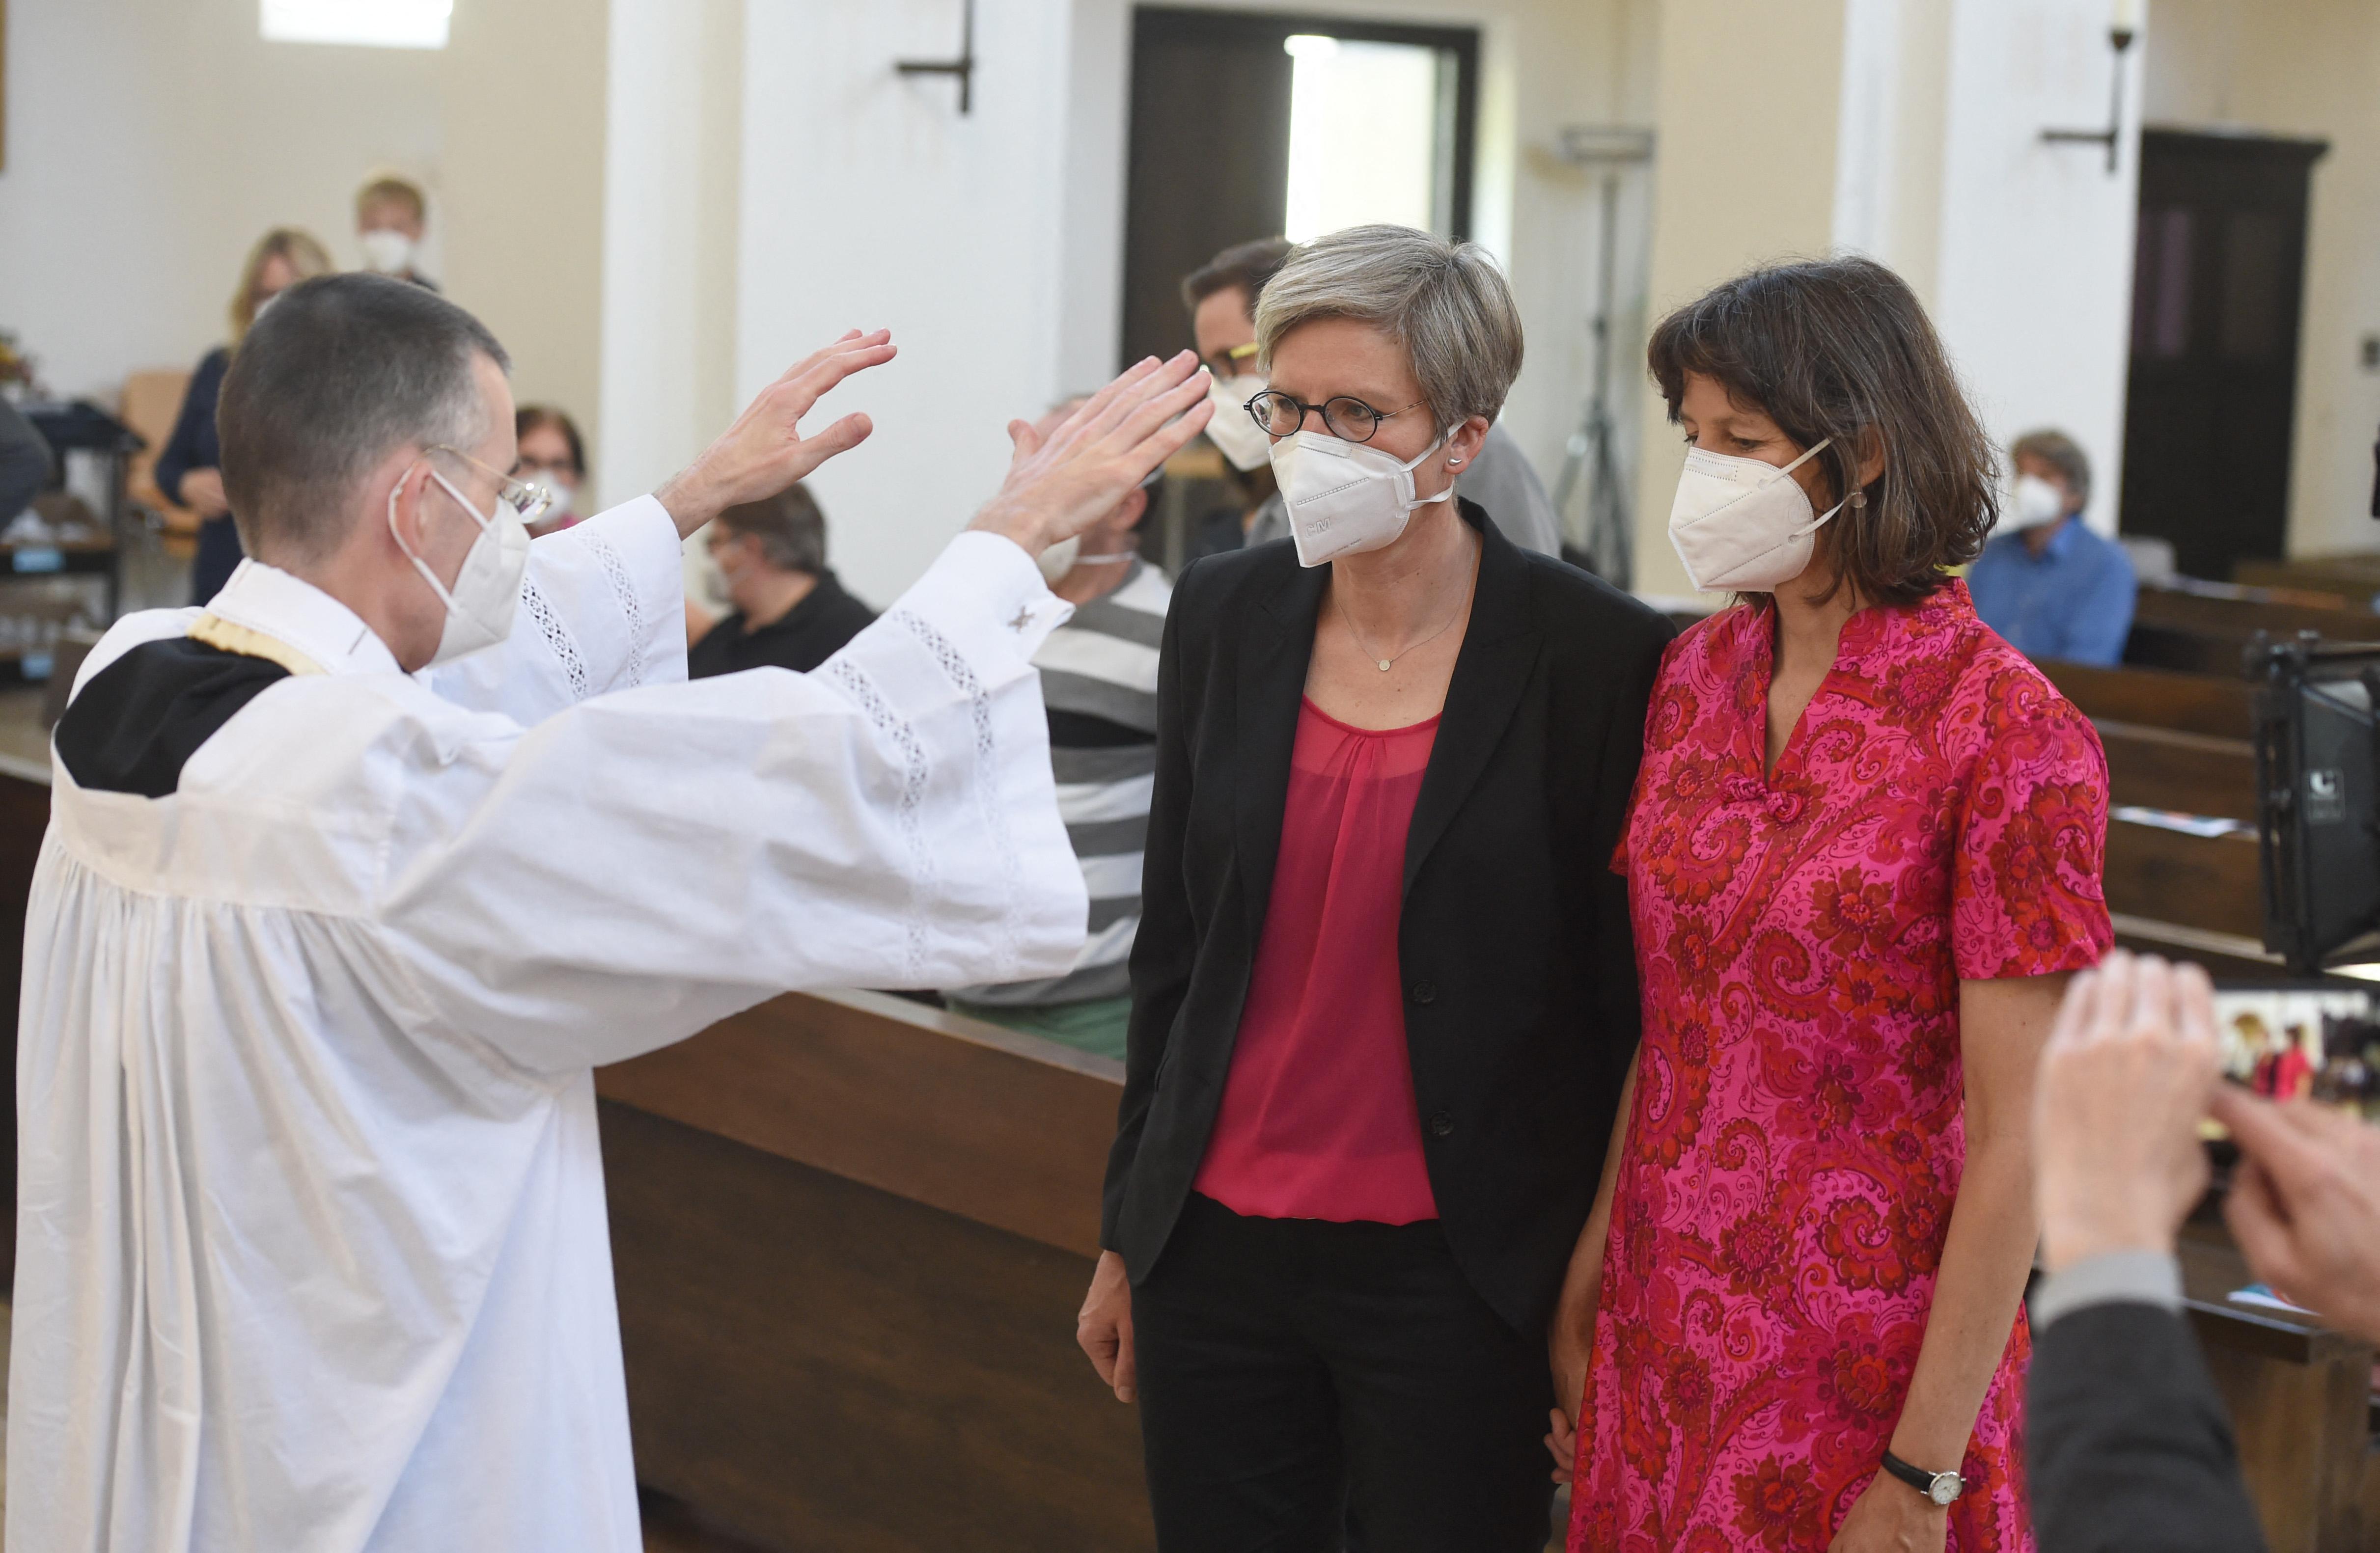 A Vatikán nemet mondott rá, a német katolikus egyház mégis áldását adja az azonos nemű párokra